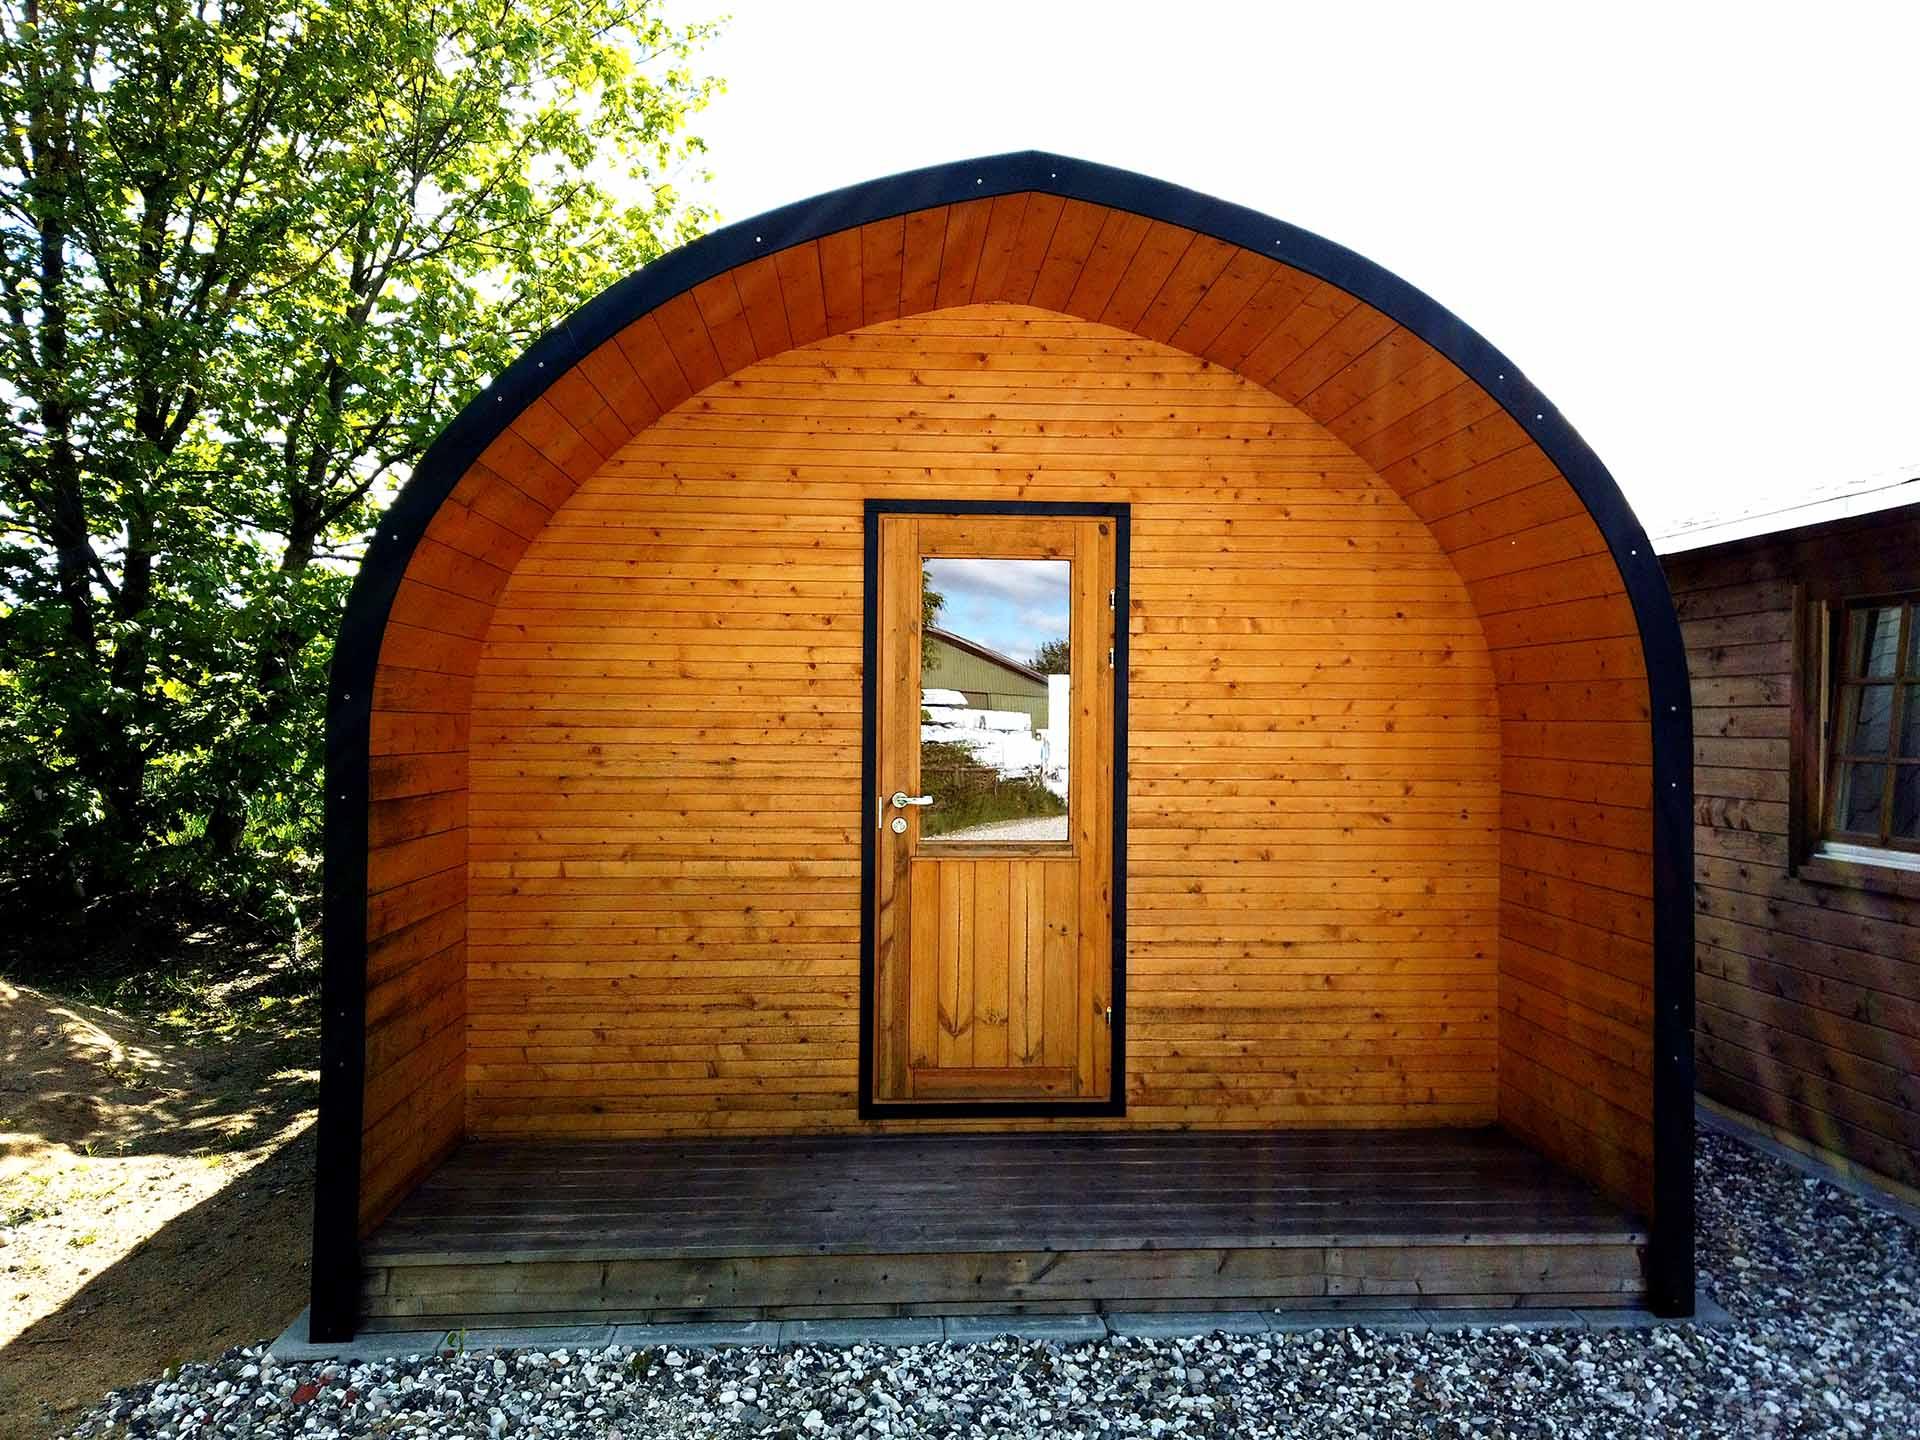 Campinghytter fra www.sølundhuse.dk isoleret hytte til grønland eller campingpladser